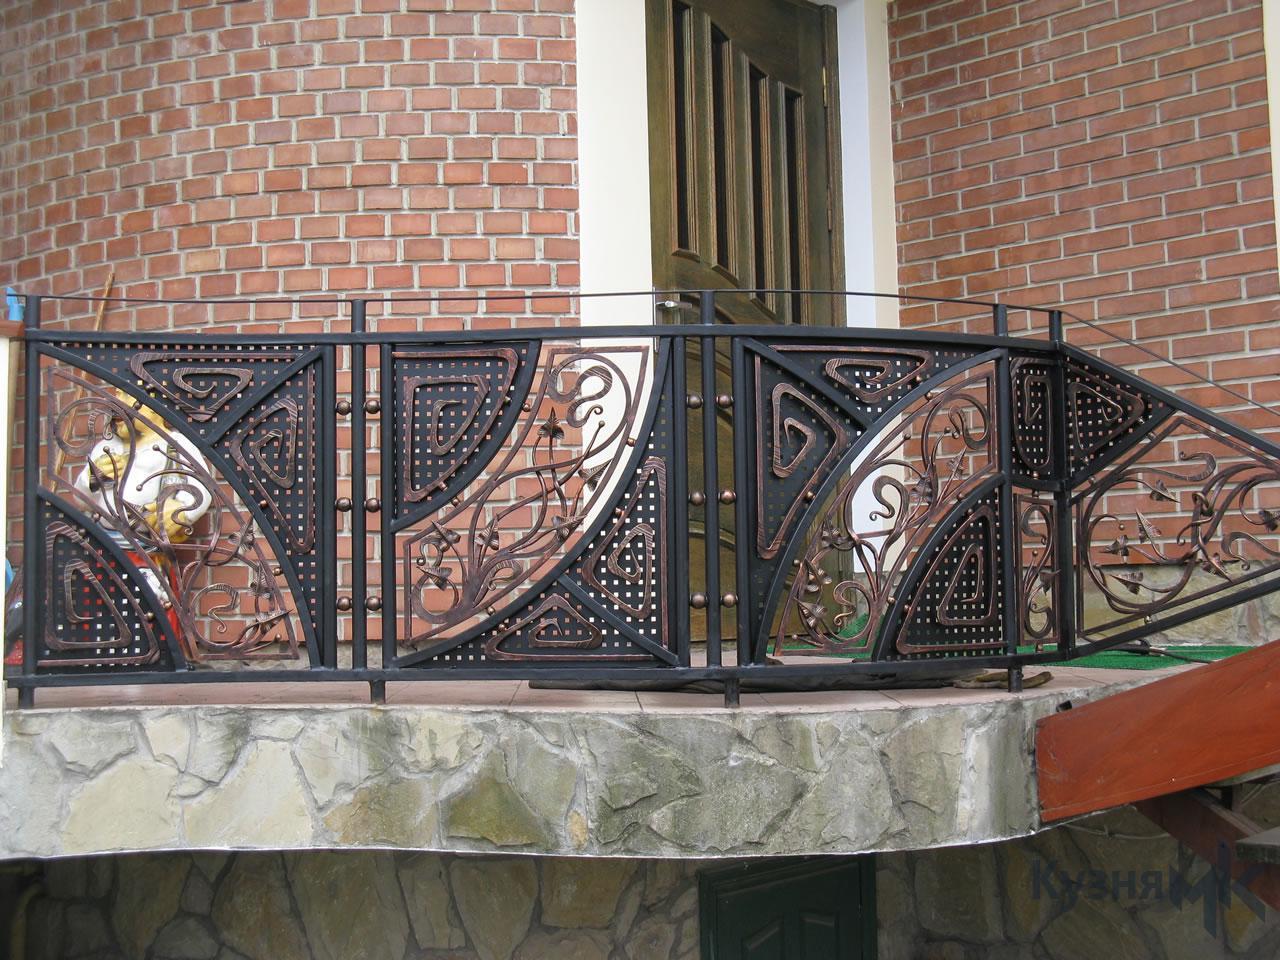 Ковані перила на балконі